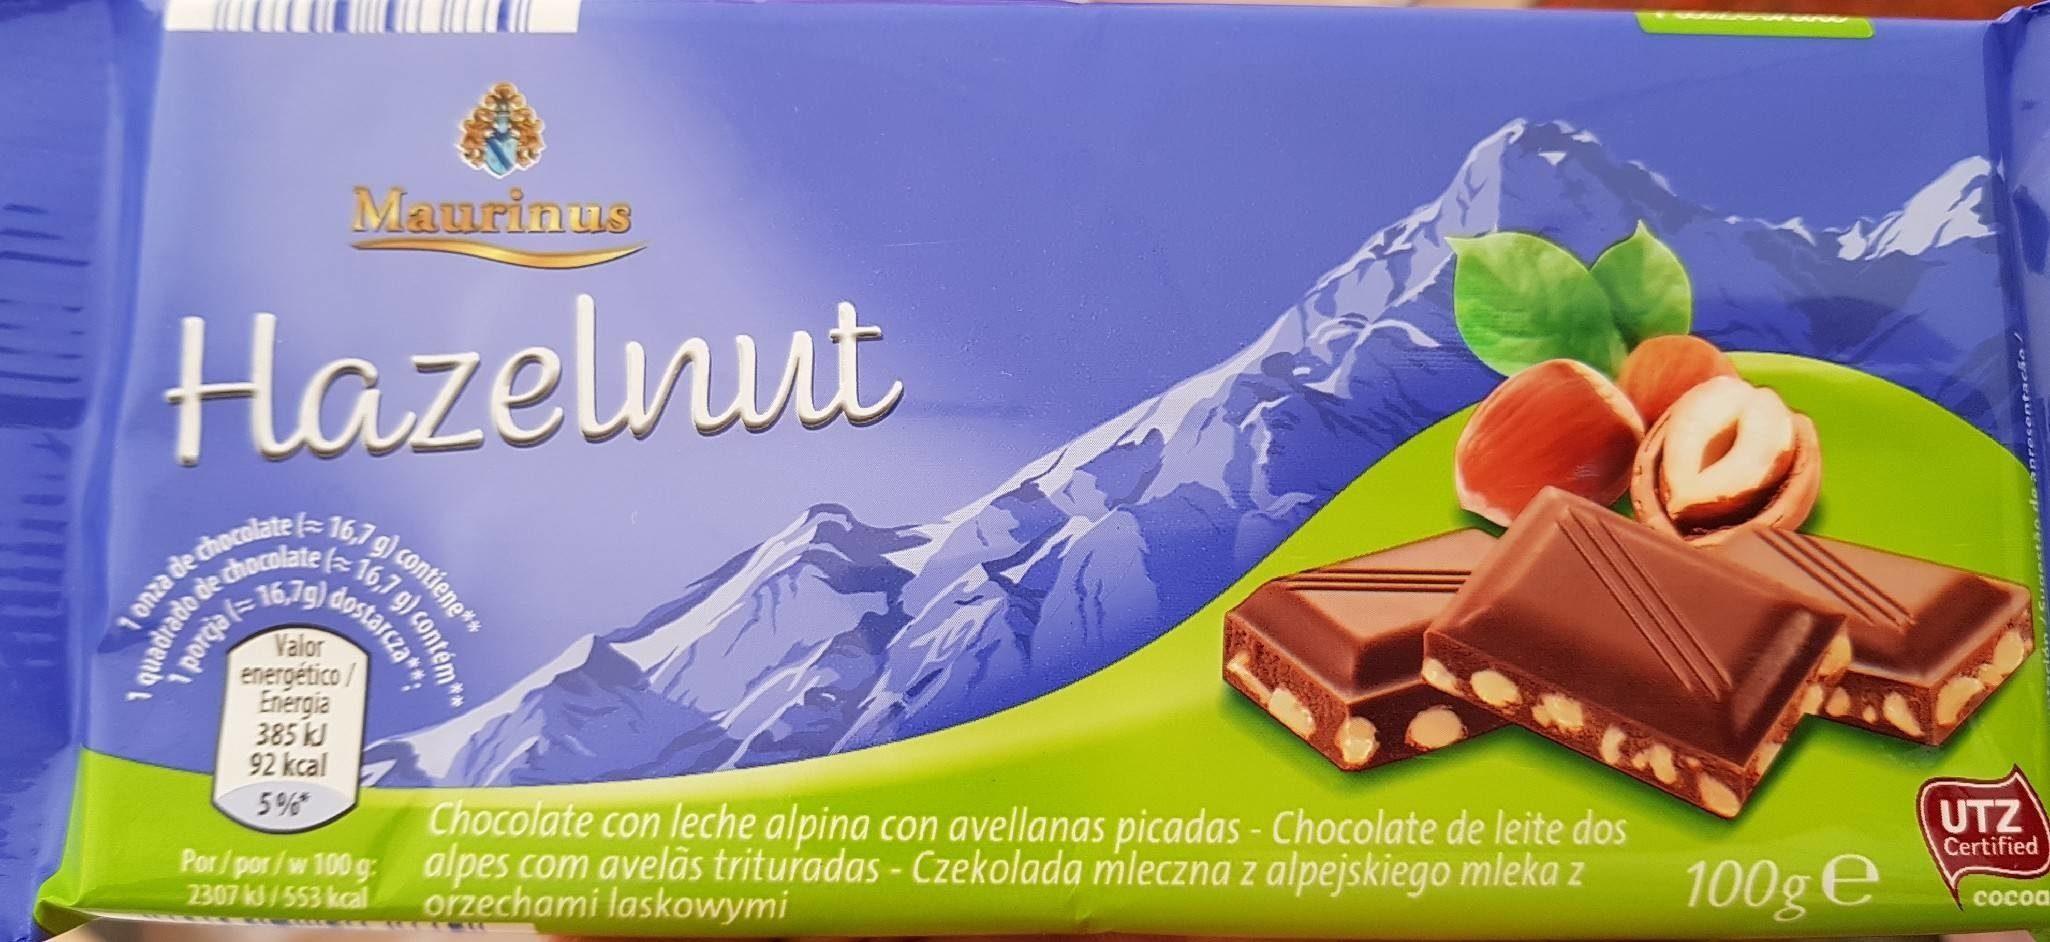 Hazelnut - Product - es